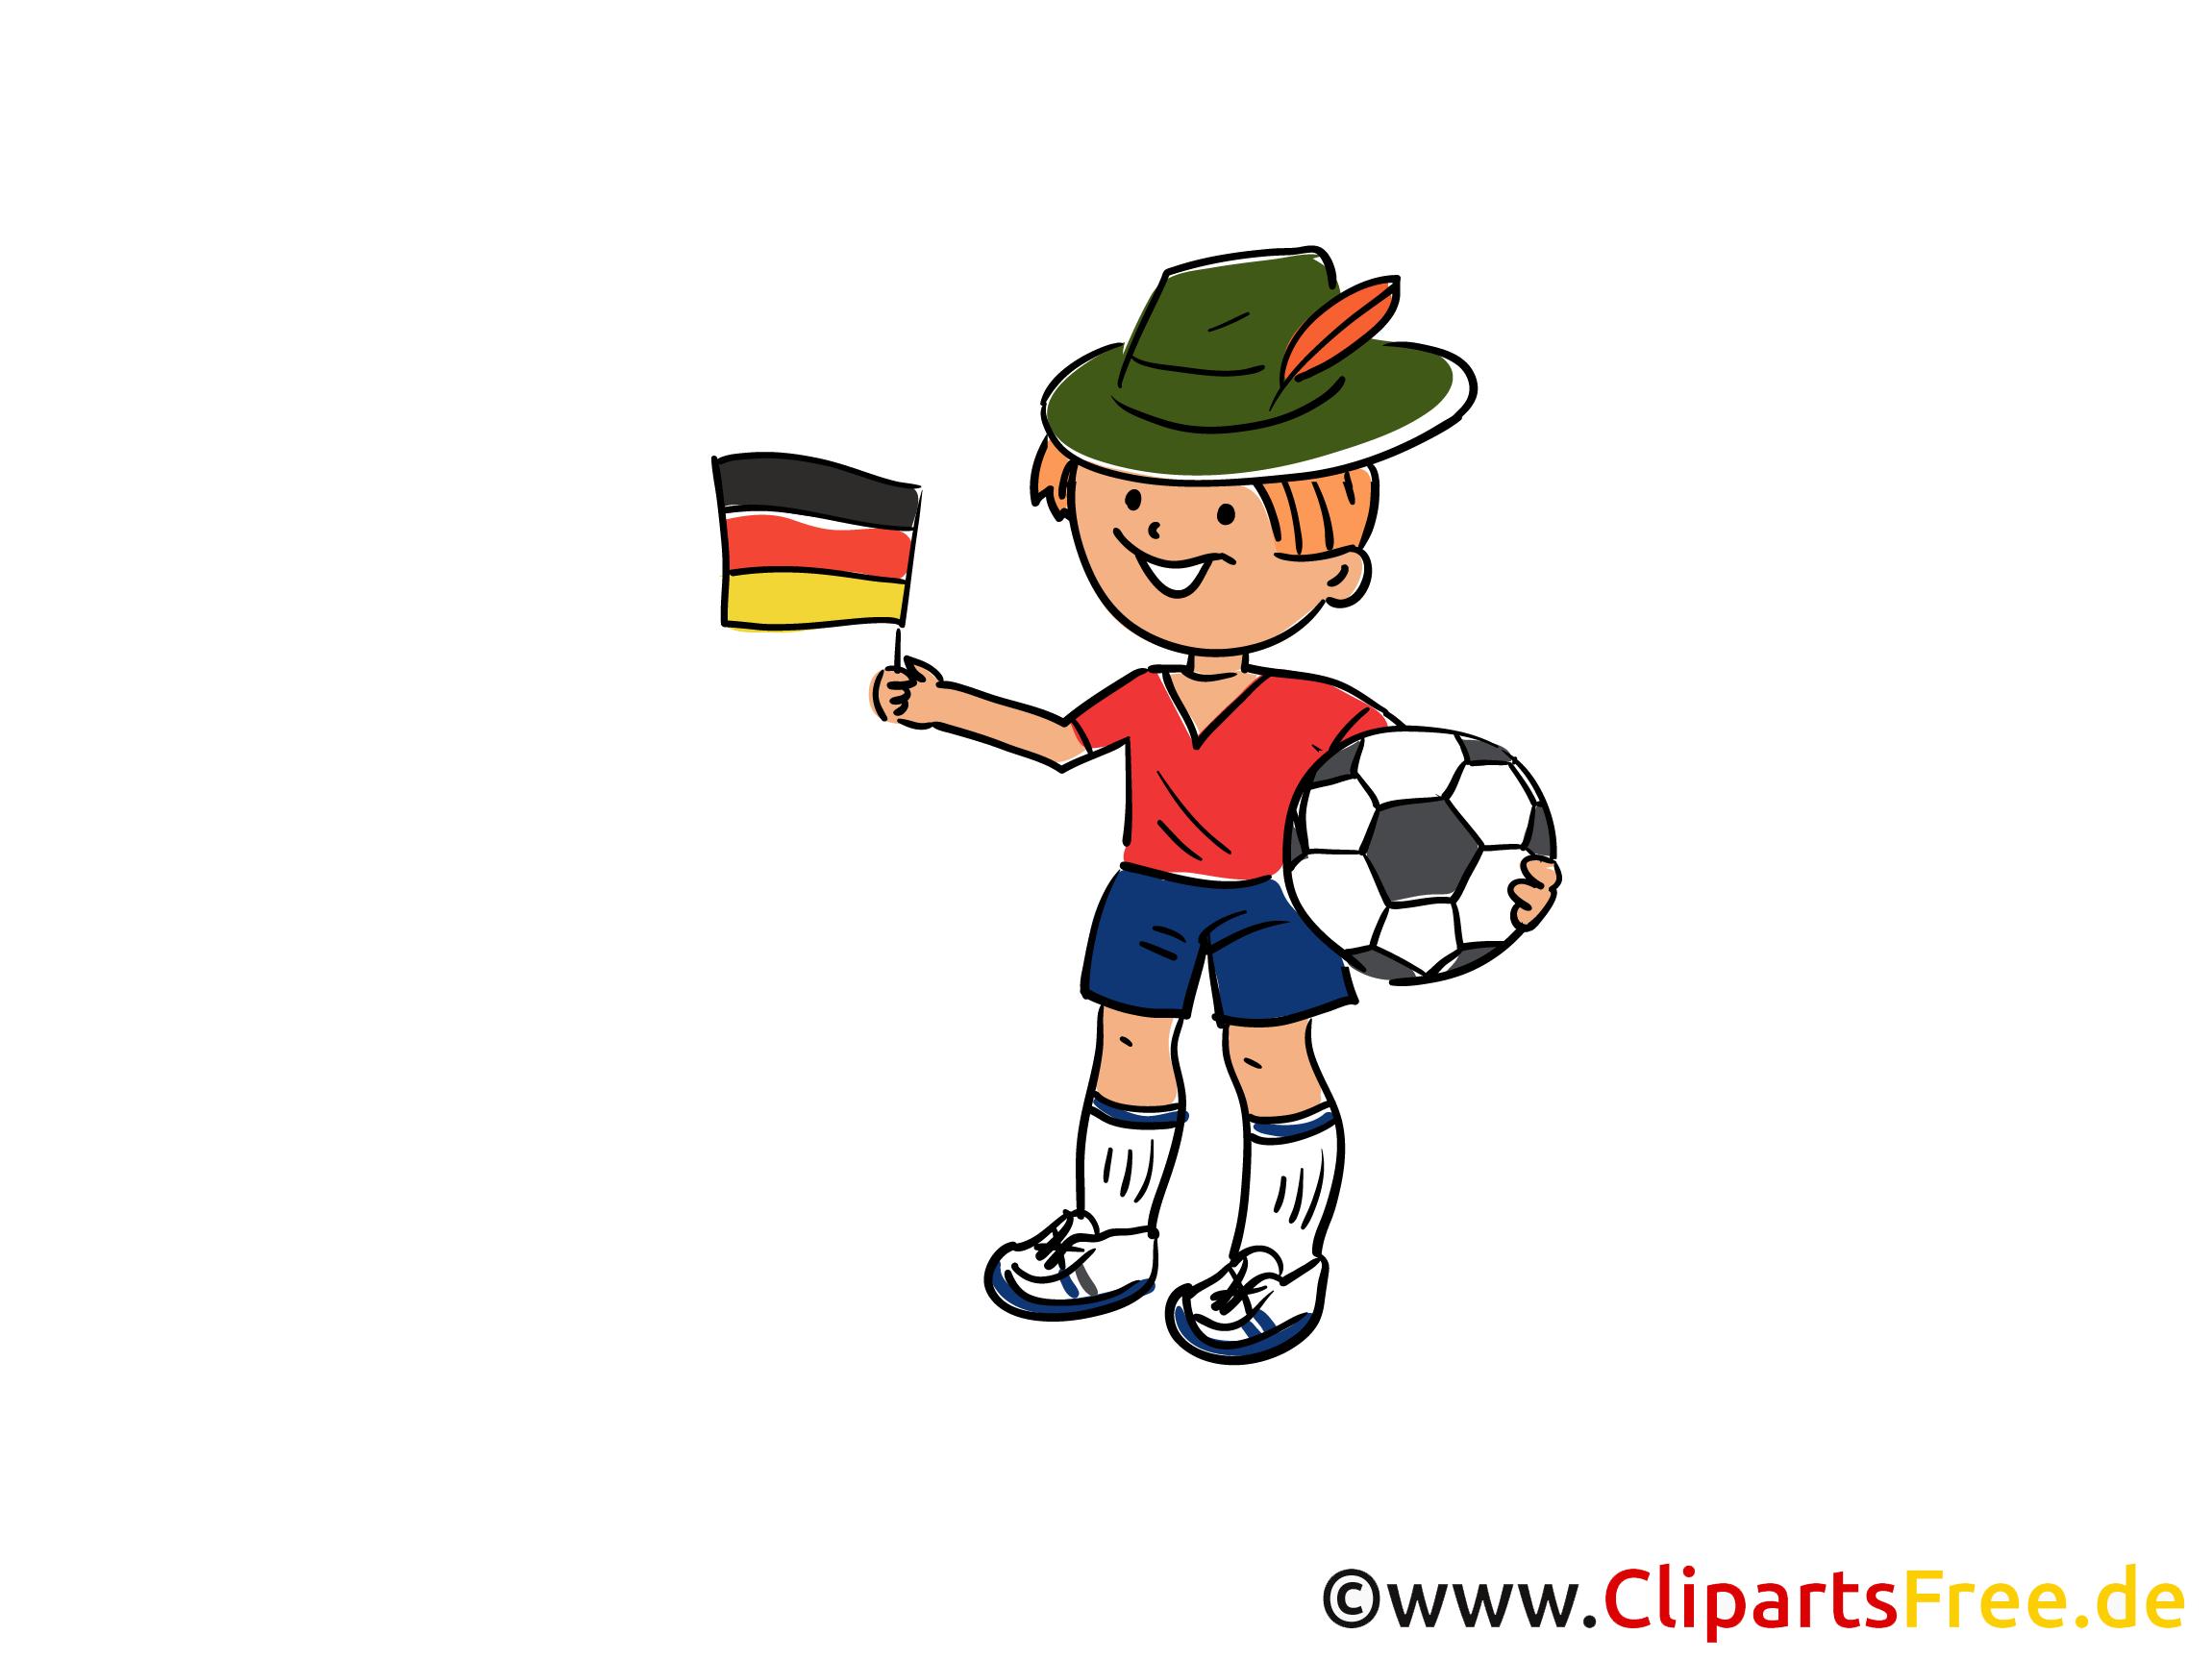 Fussball Illustration im Cartoonstil